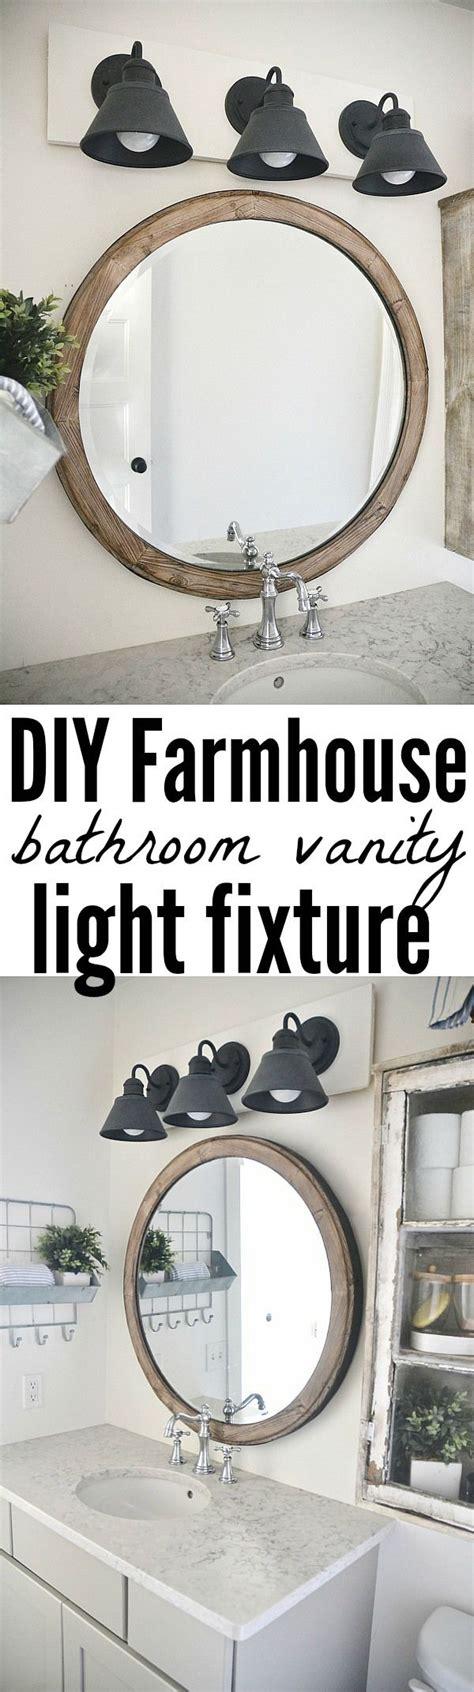 Farmhouse Bathroom Light Fixtures by Diy Farmhouse Bathroom Vanity Light Fixture Vanity Light